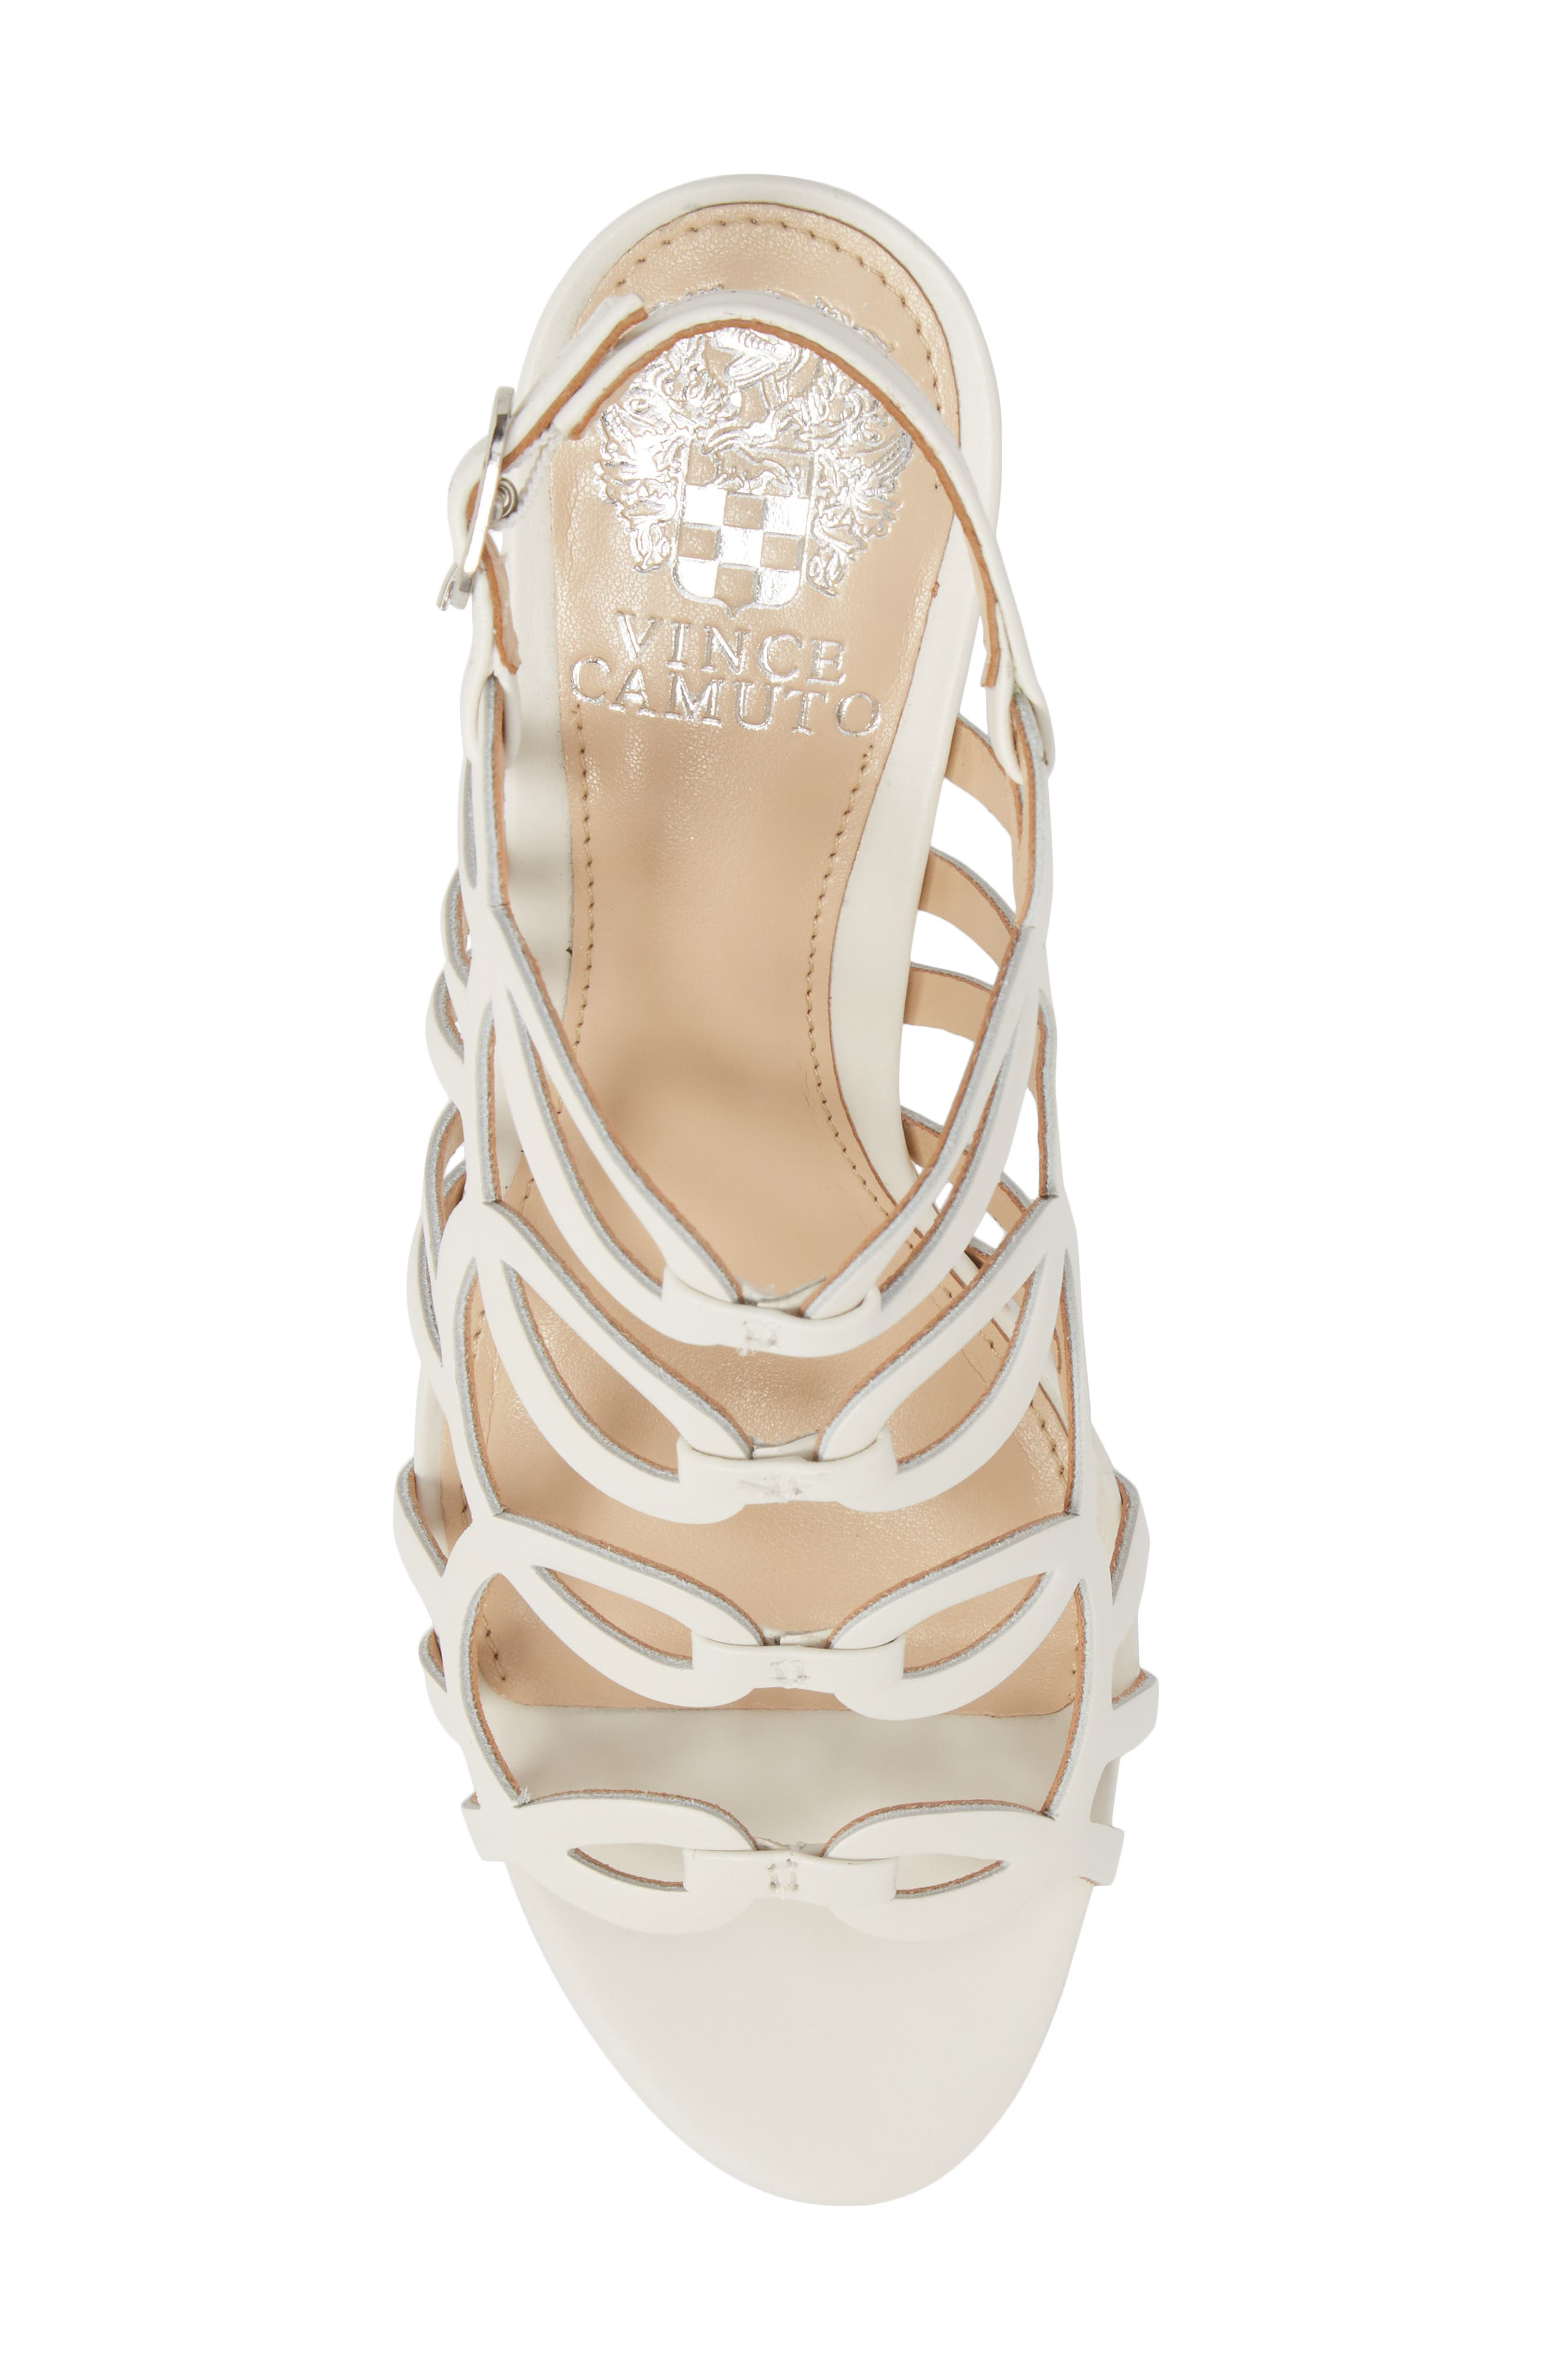 Petina Sandal,                             Alternate thumbnail 5, color,                             White Leather